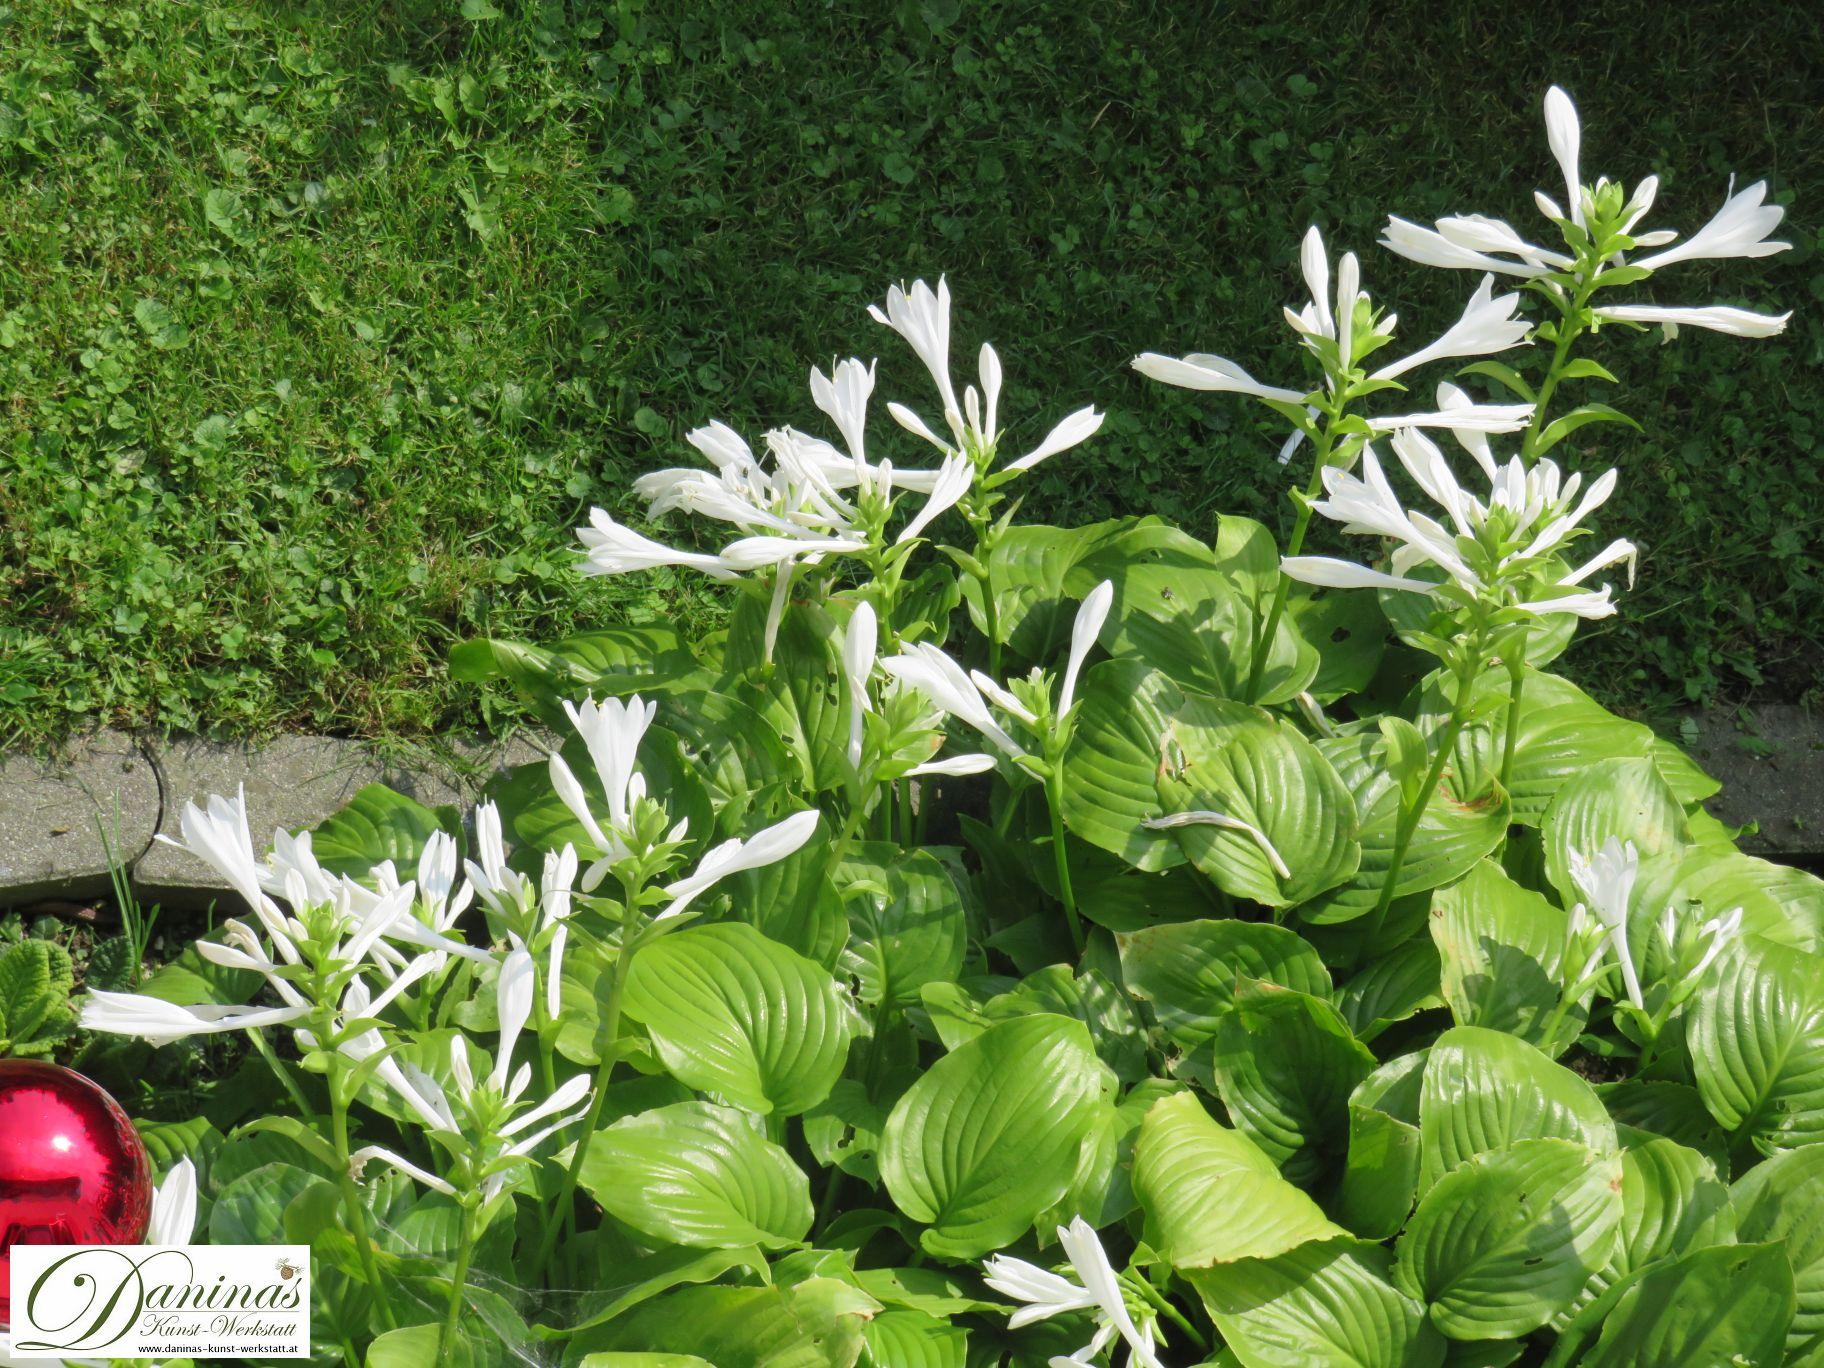 Gartengestaltung Idee: Weißblüher überall